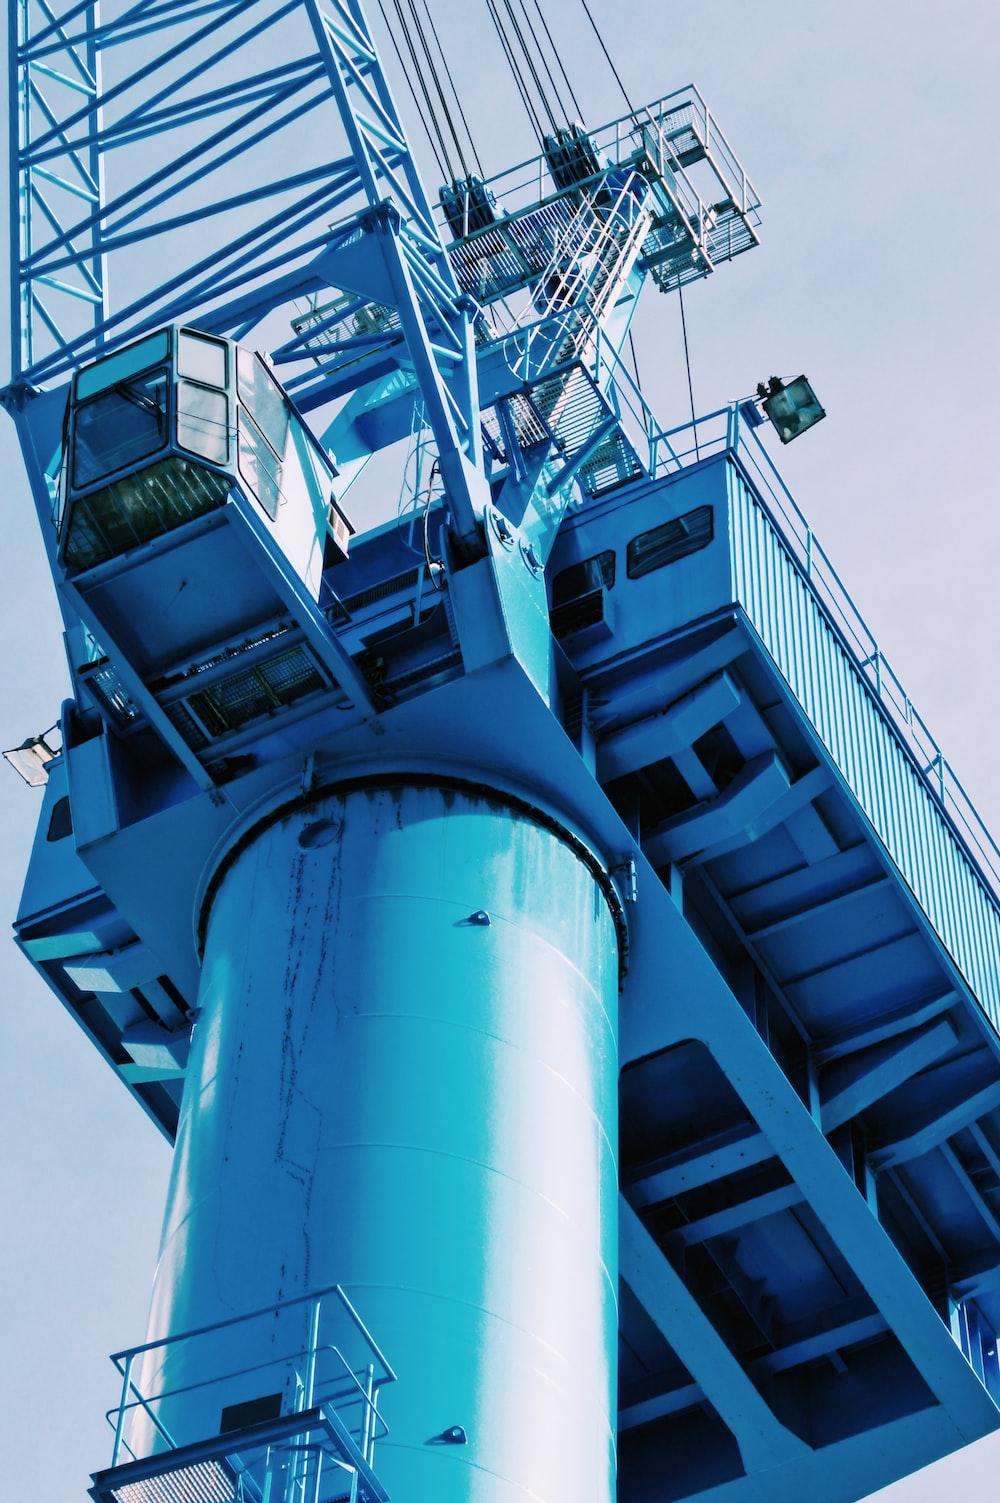 blue crane during daytime